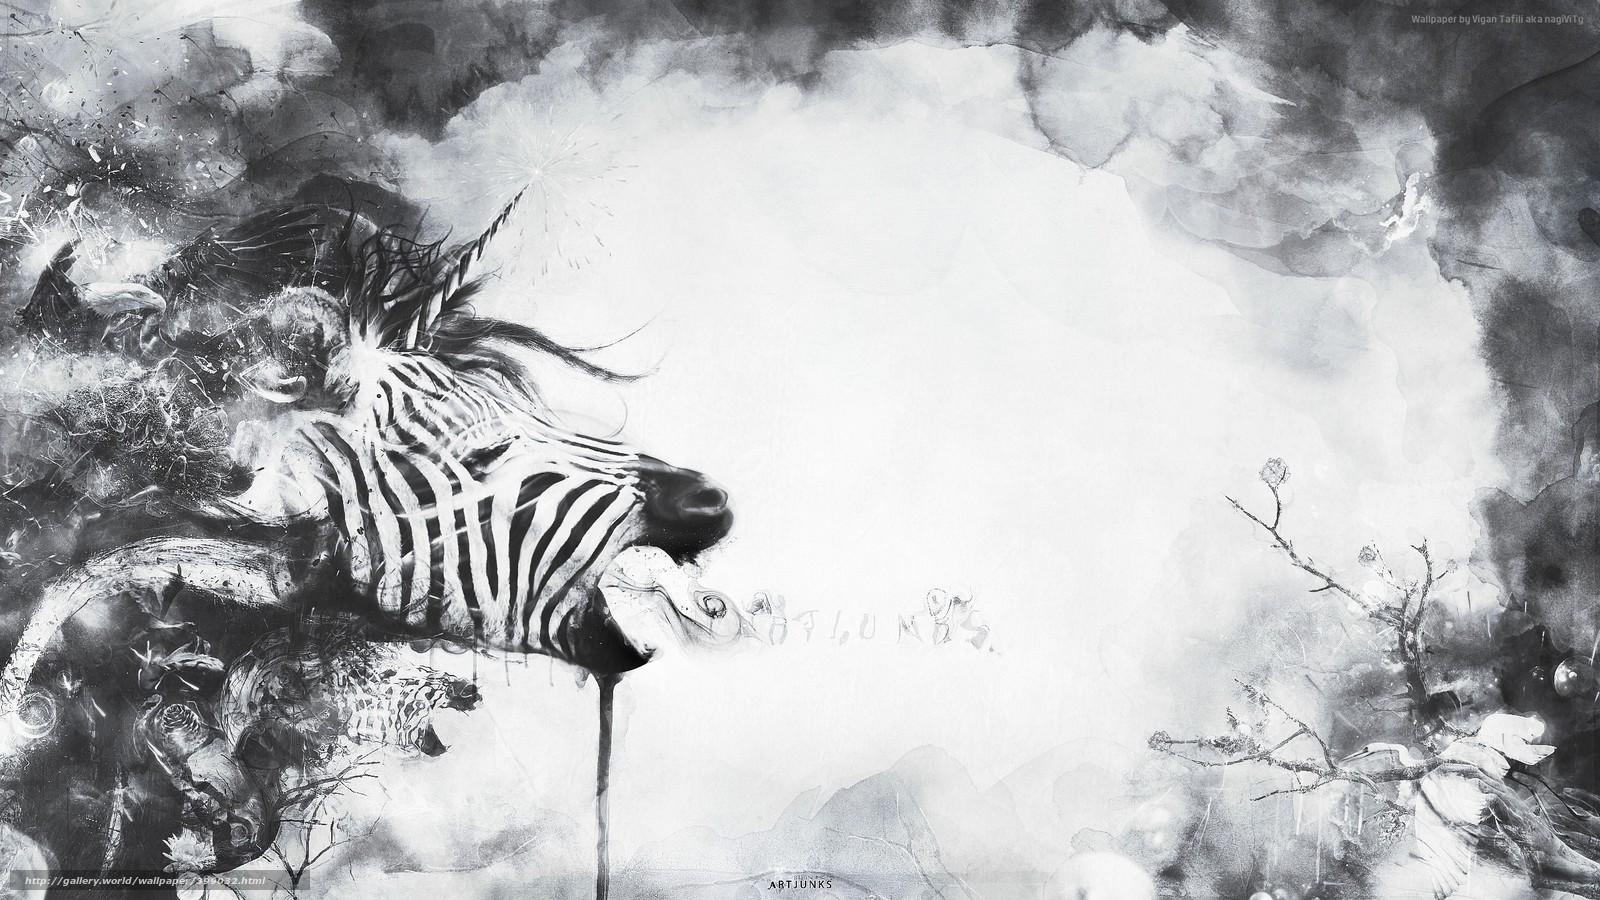 Scaricare Gli Sfondi Astrazione Zebra Unicorno Impianto Sfondi